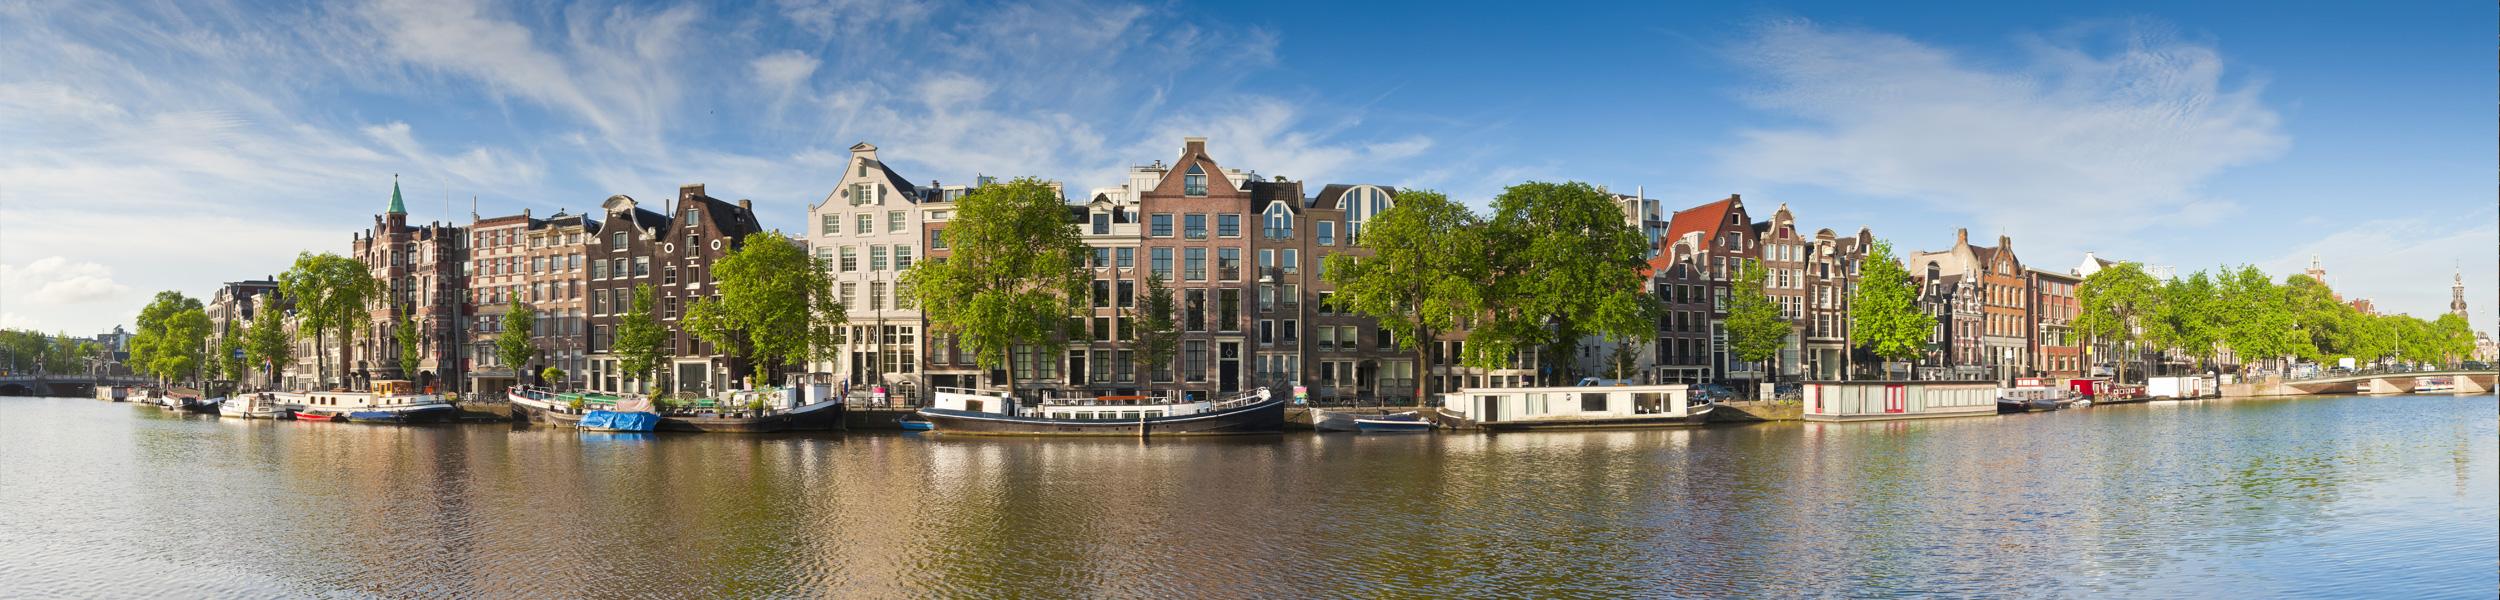 Senior React Native Developer Amsterdam, The Netherlands